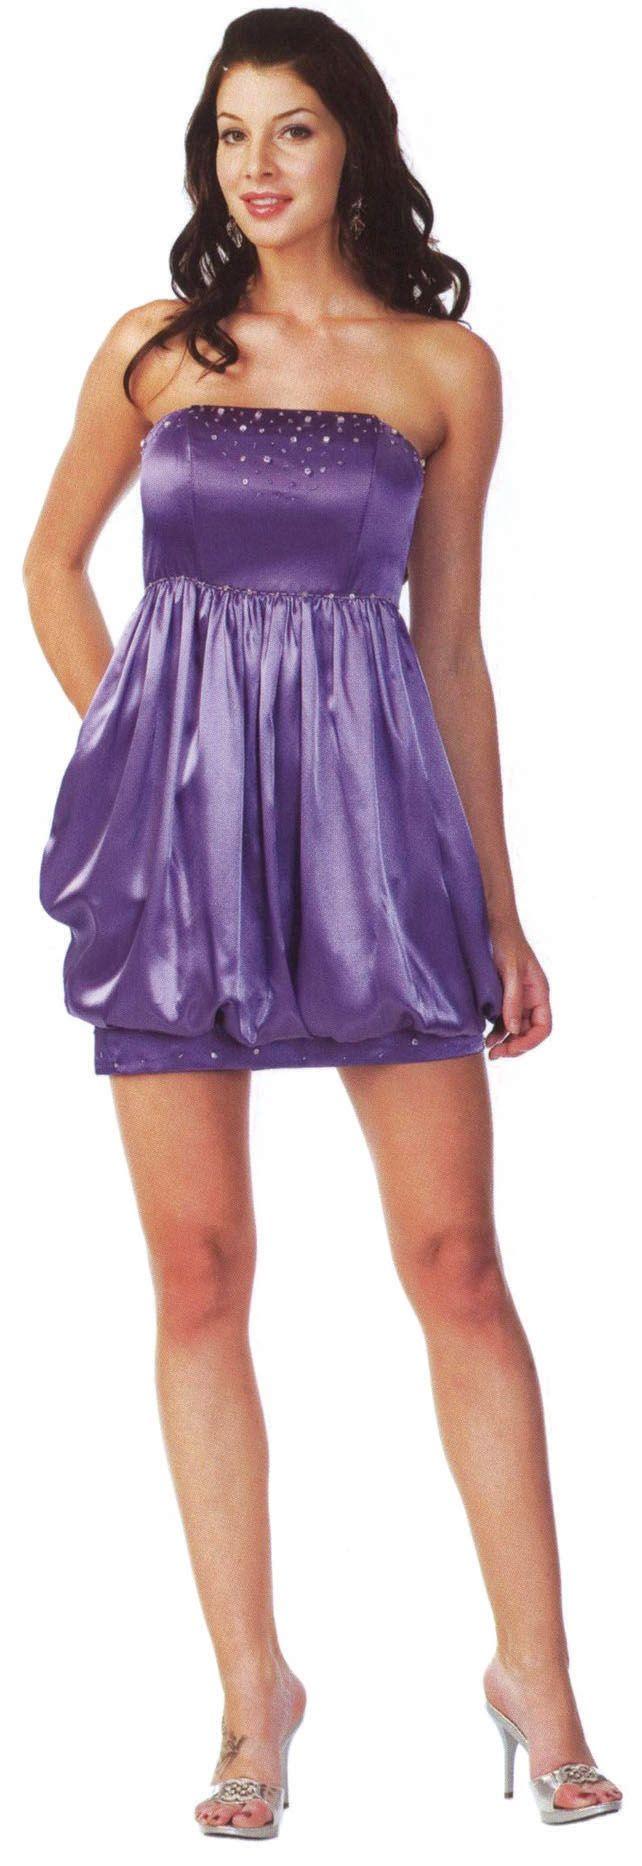 Mejores 12 imágenes de Vestidos de Noche en Pinterest | Damas de ...